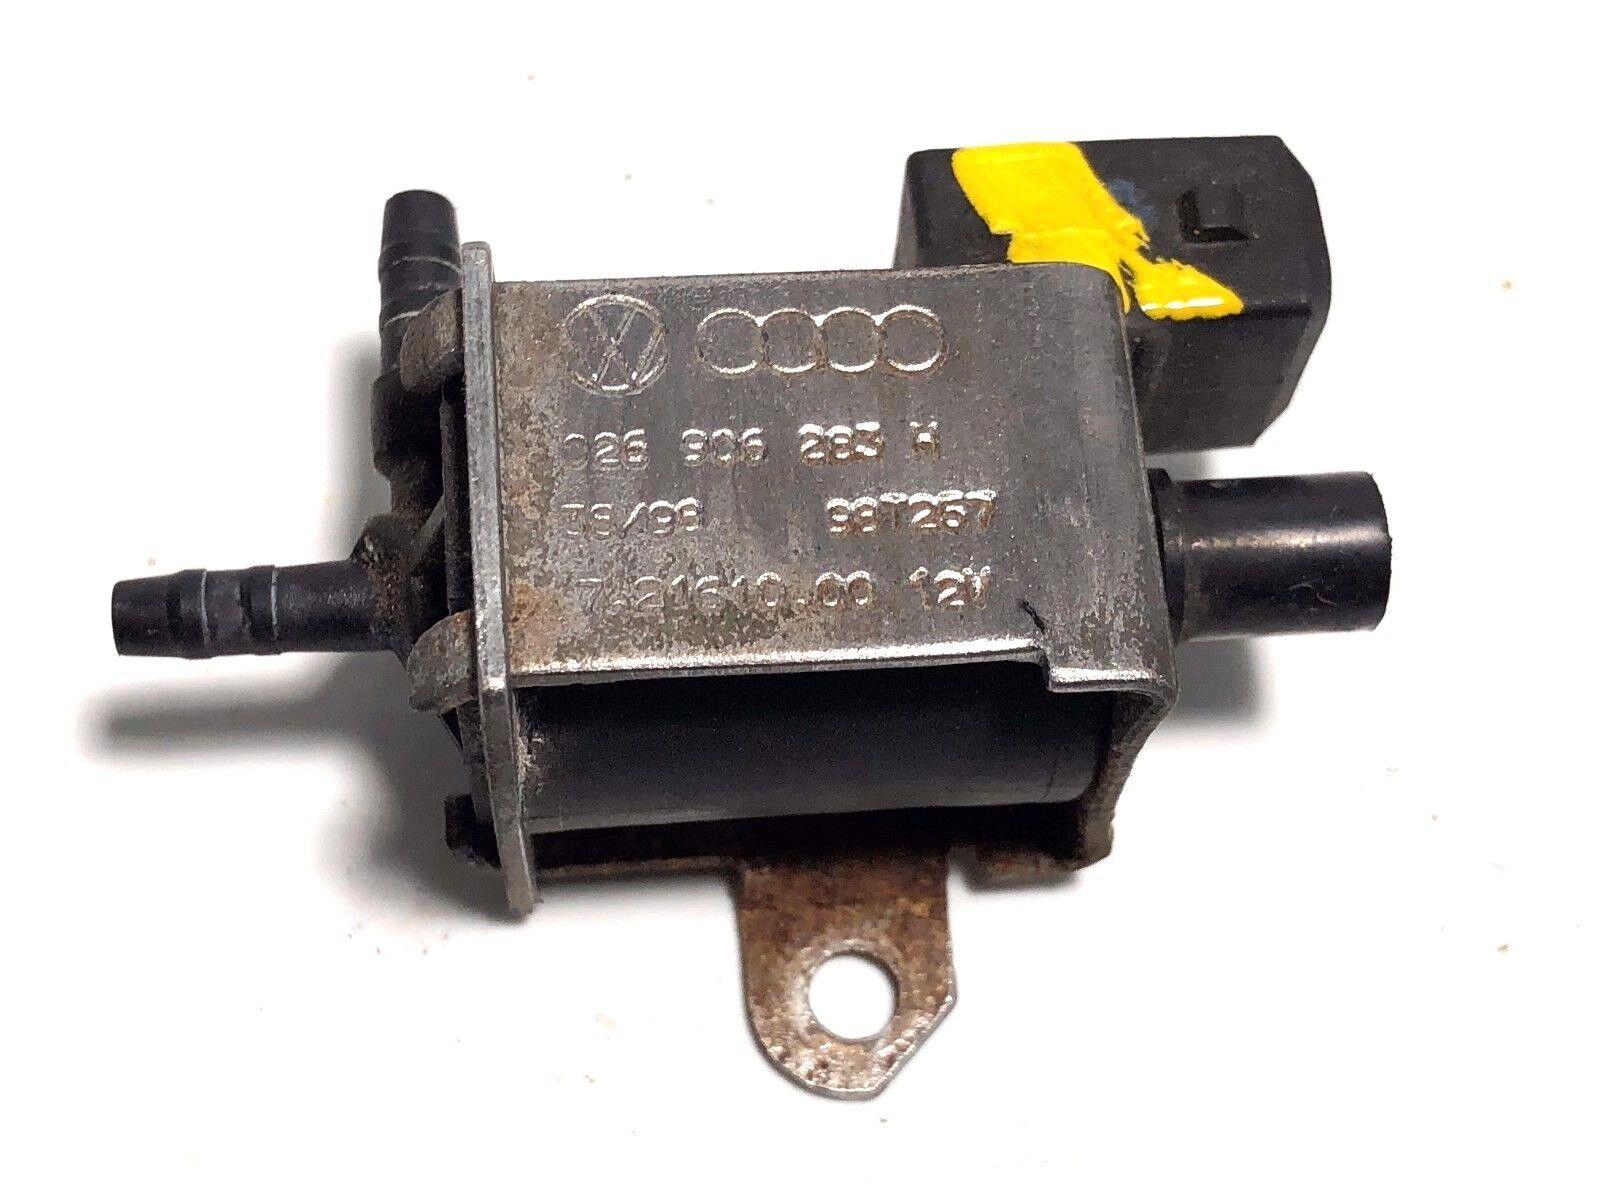 1998 - 2005 VolksWagen Passat Vacuum Switch Valve P: 026 906 283 A OEM Warranty!